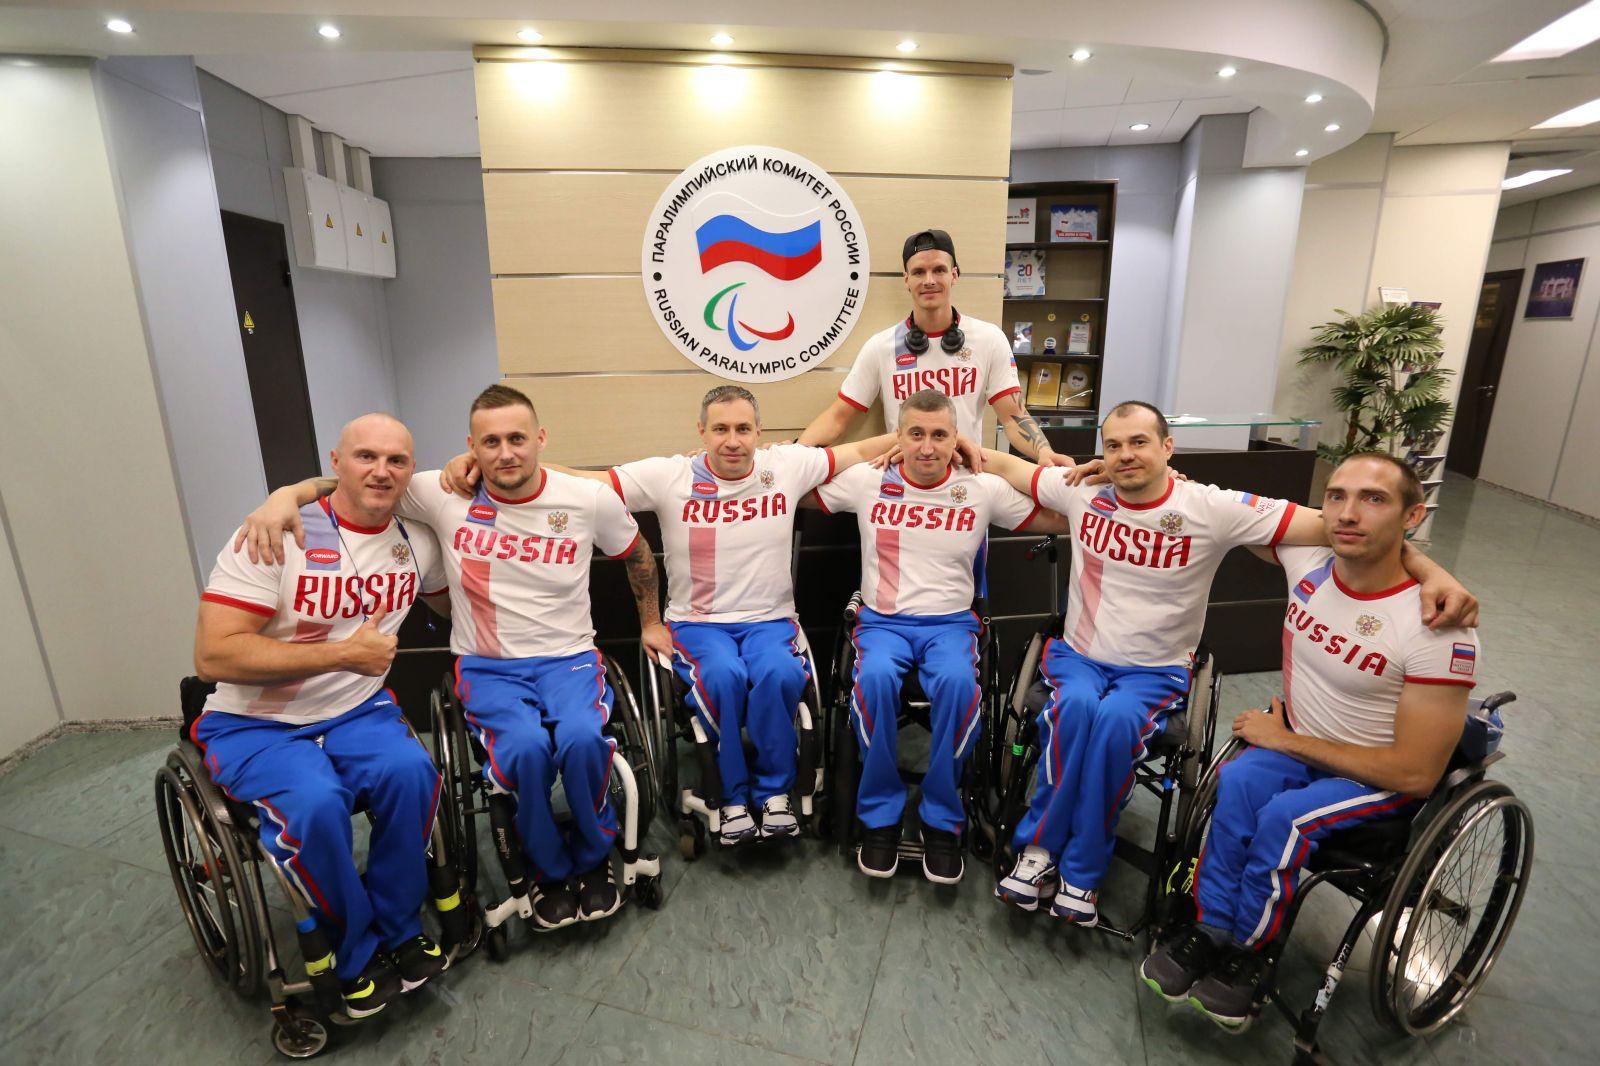 Российская сборная по баскетболу на колясках примет участие в товарищеском турнире в Германии